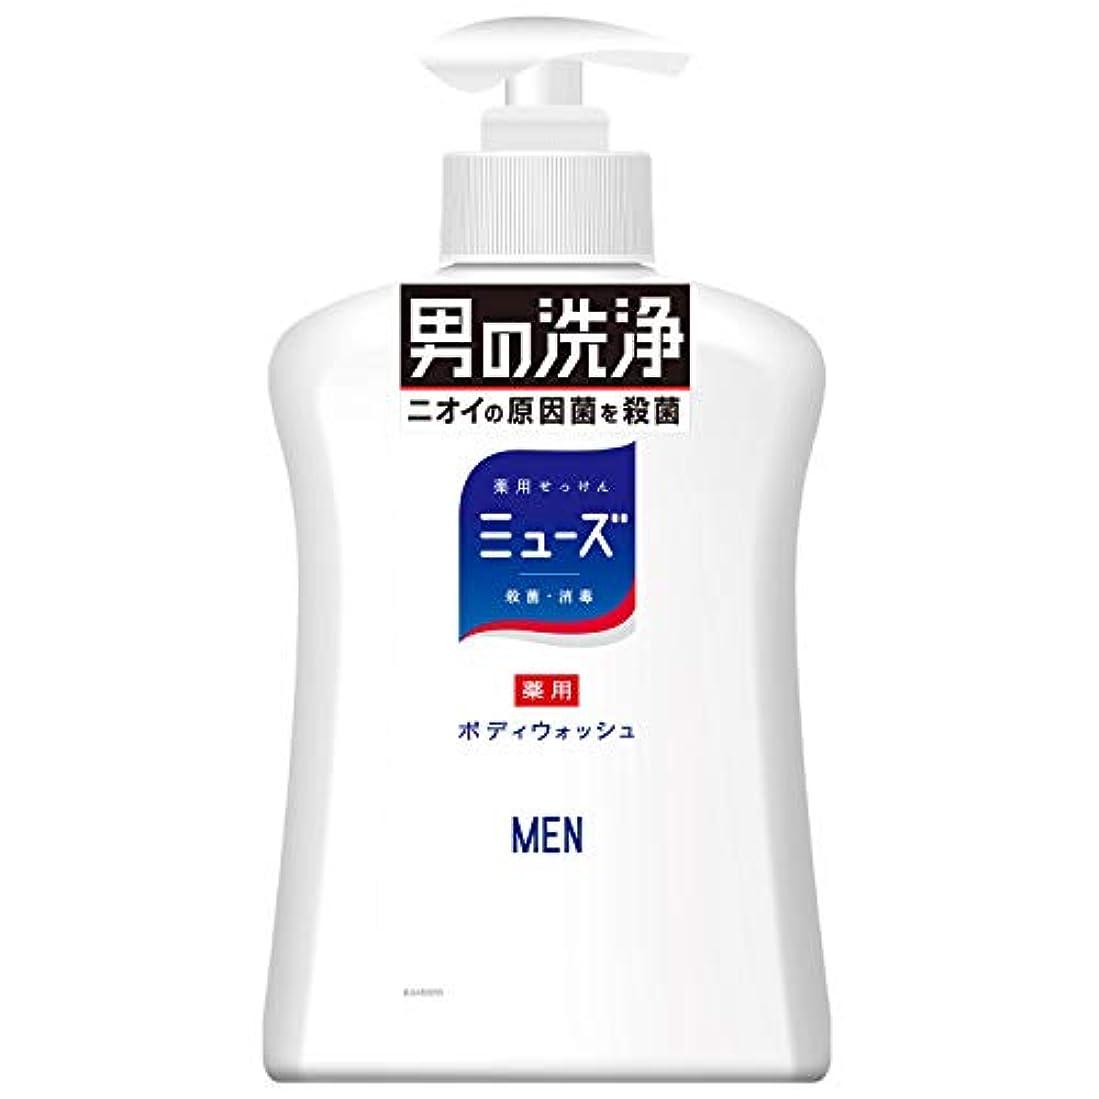 愛撫ロースト記録【医薬部外品】ミューズメン ボディーウオッシュ ボトル 500ml ボディソープ